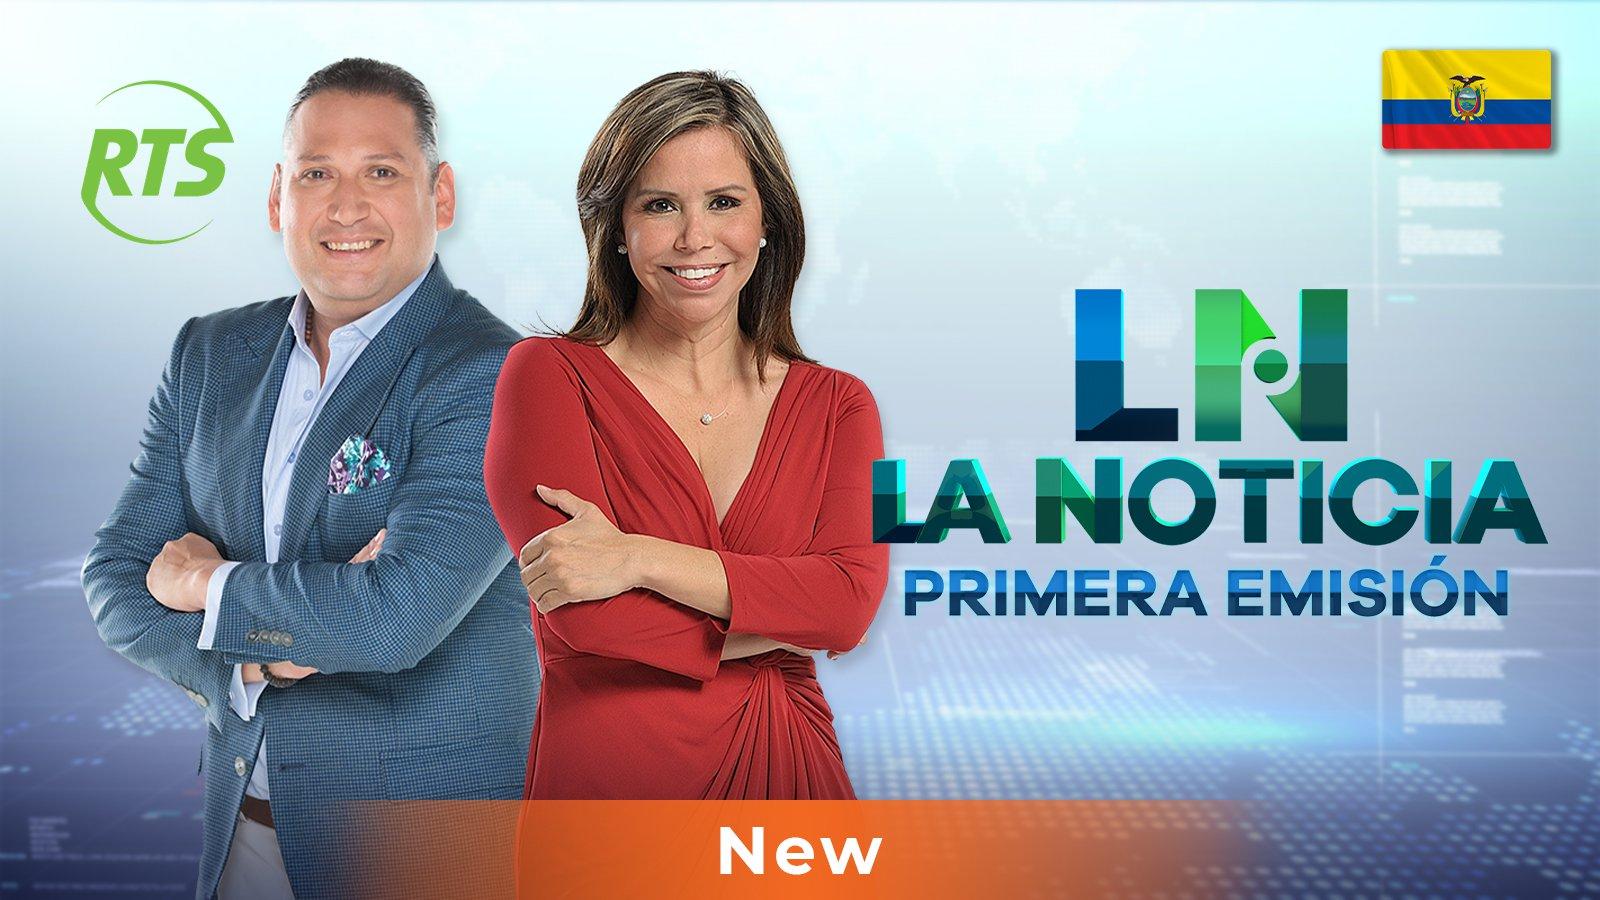 La Noticia Primera Emisión poster